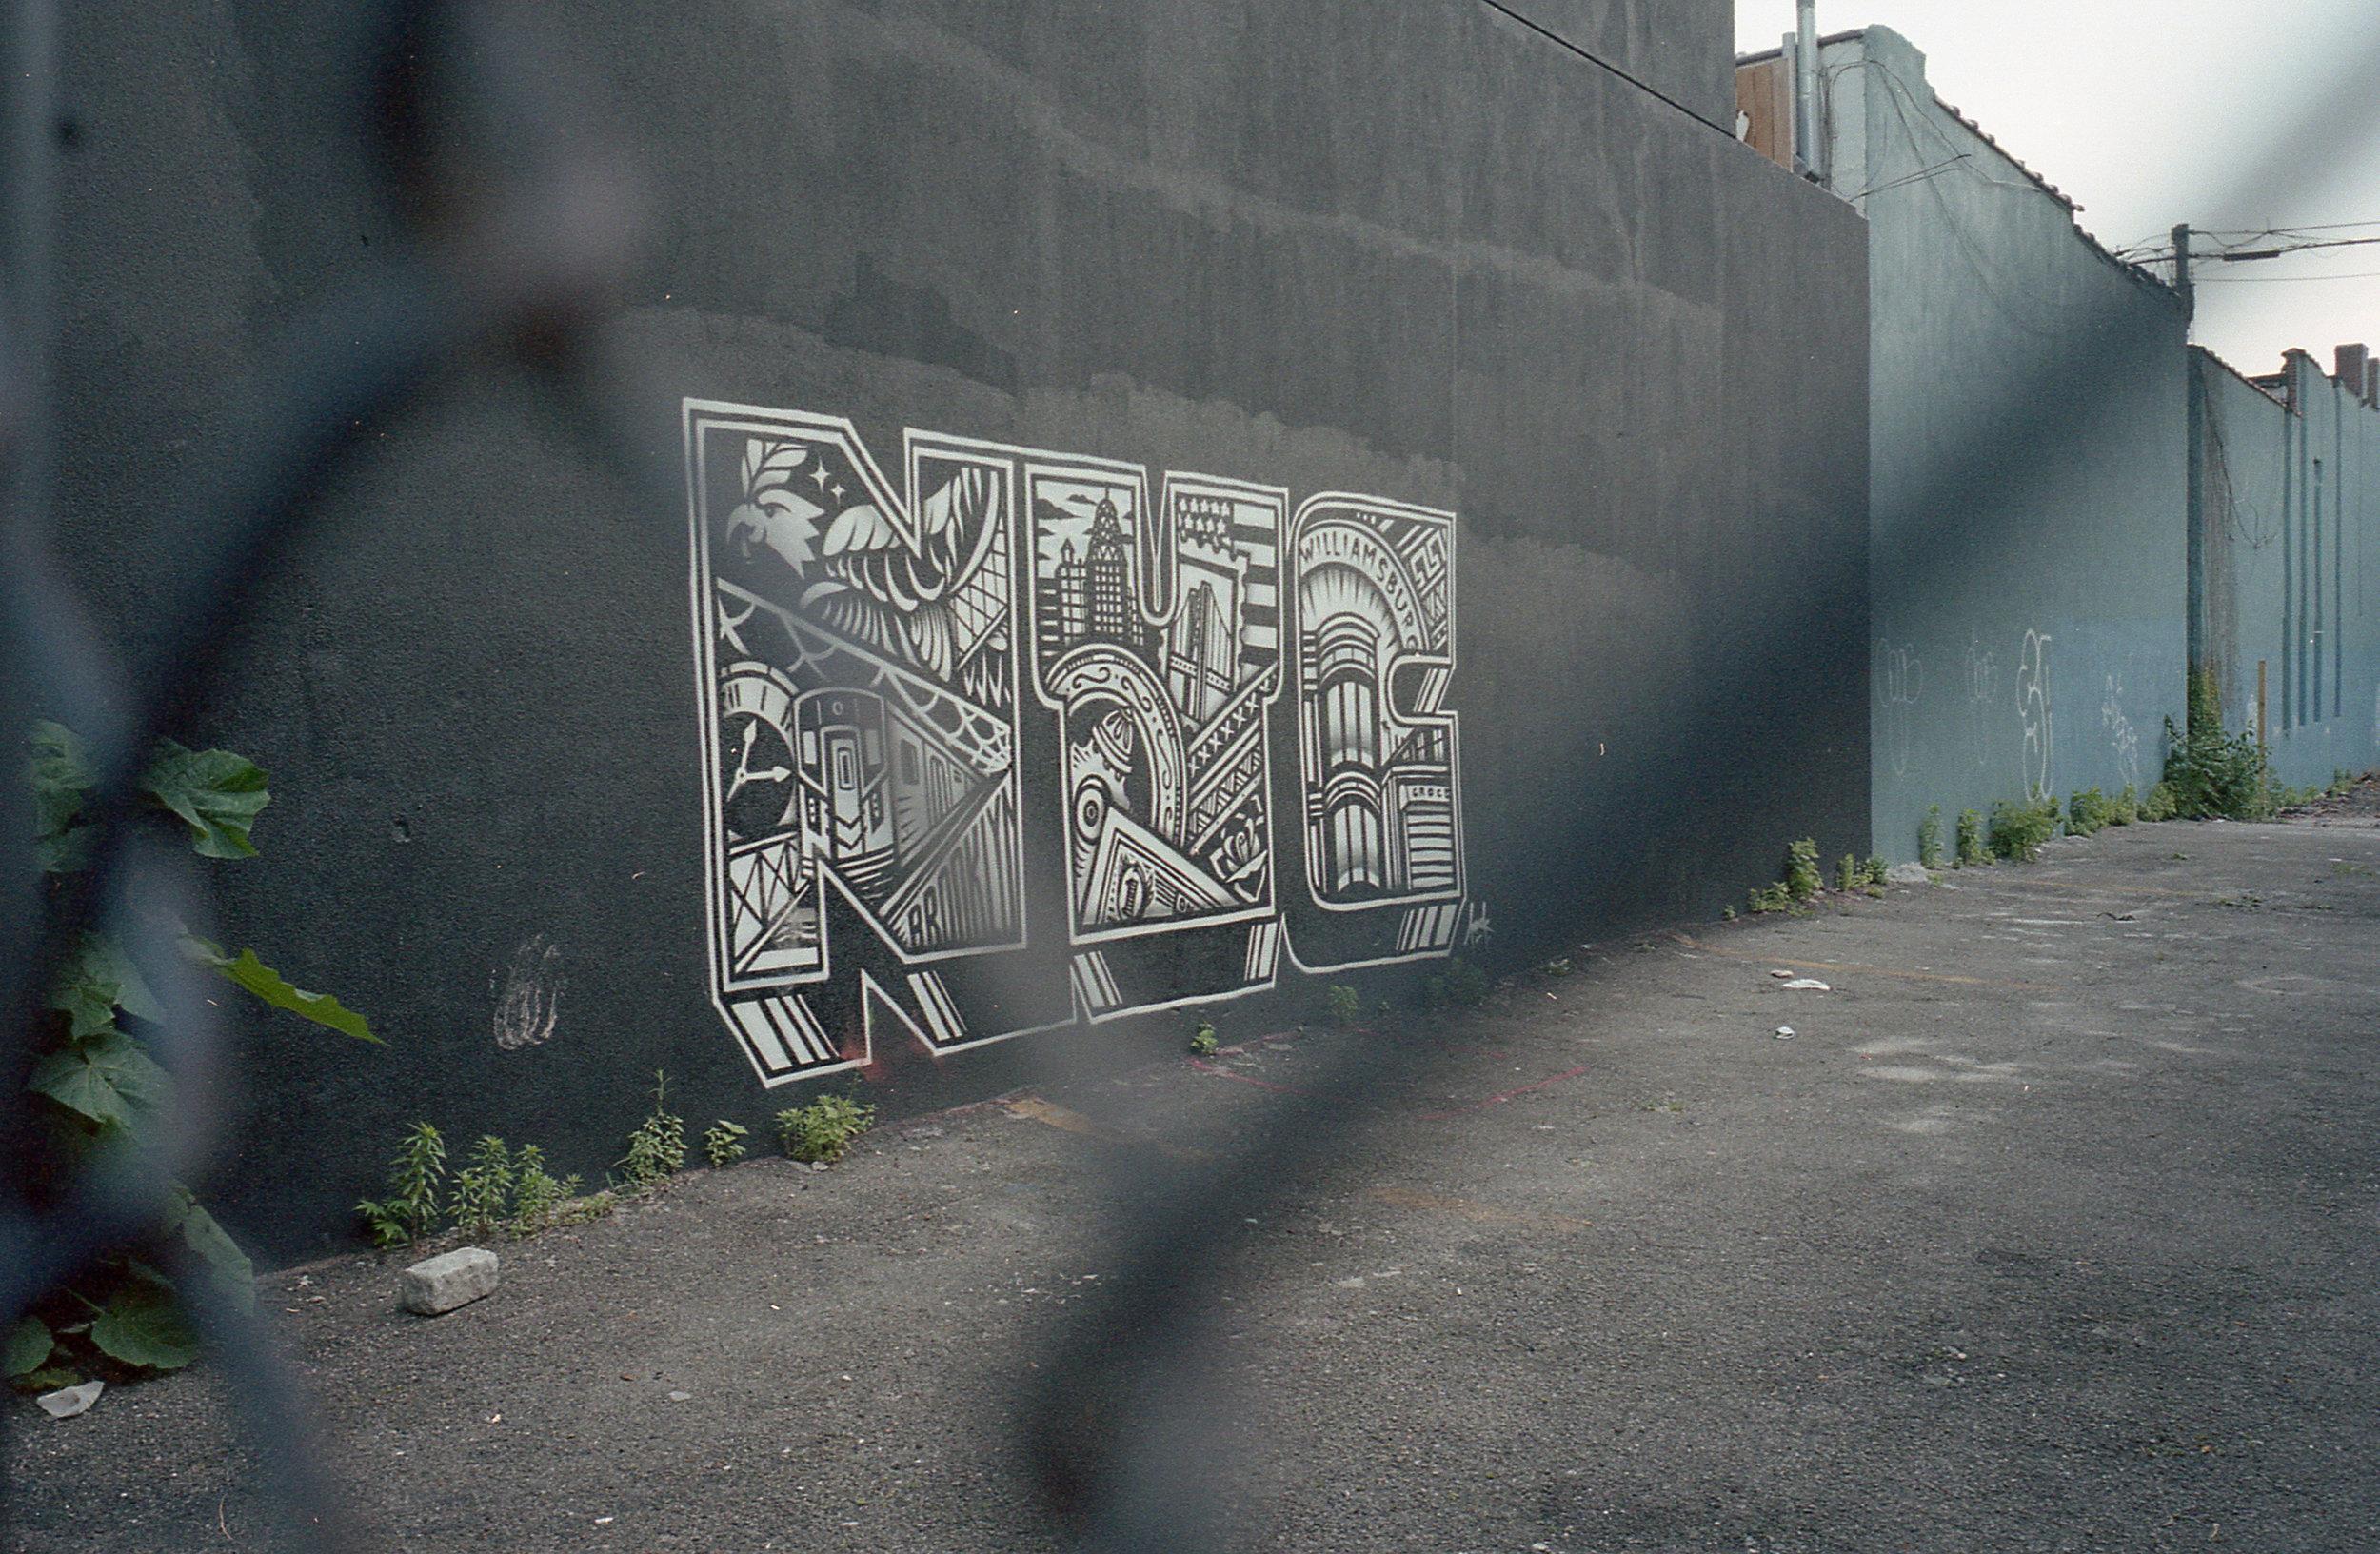 歩きながら見つけた柵の向こうのアート